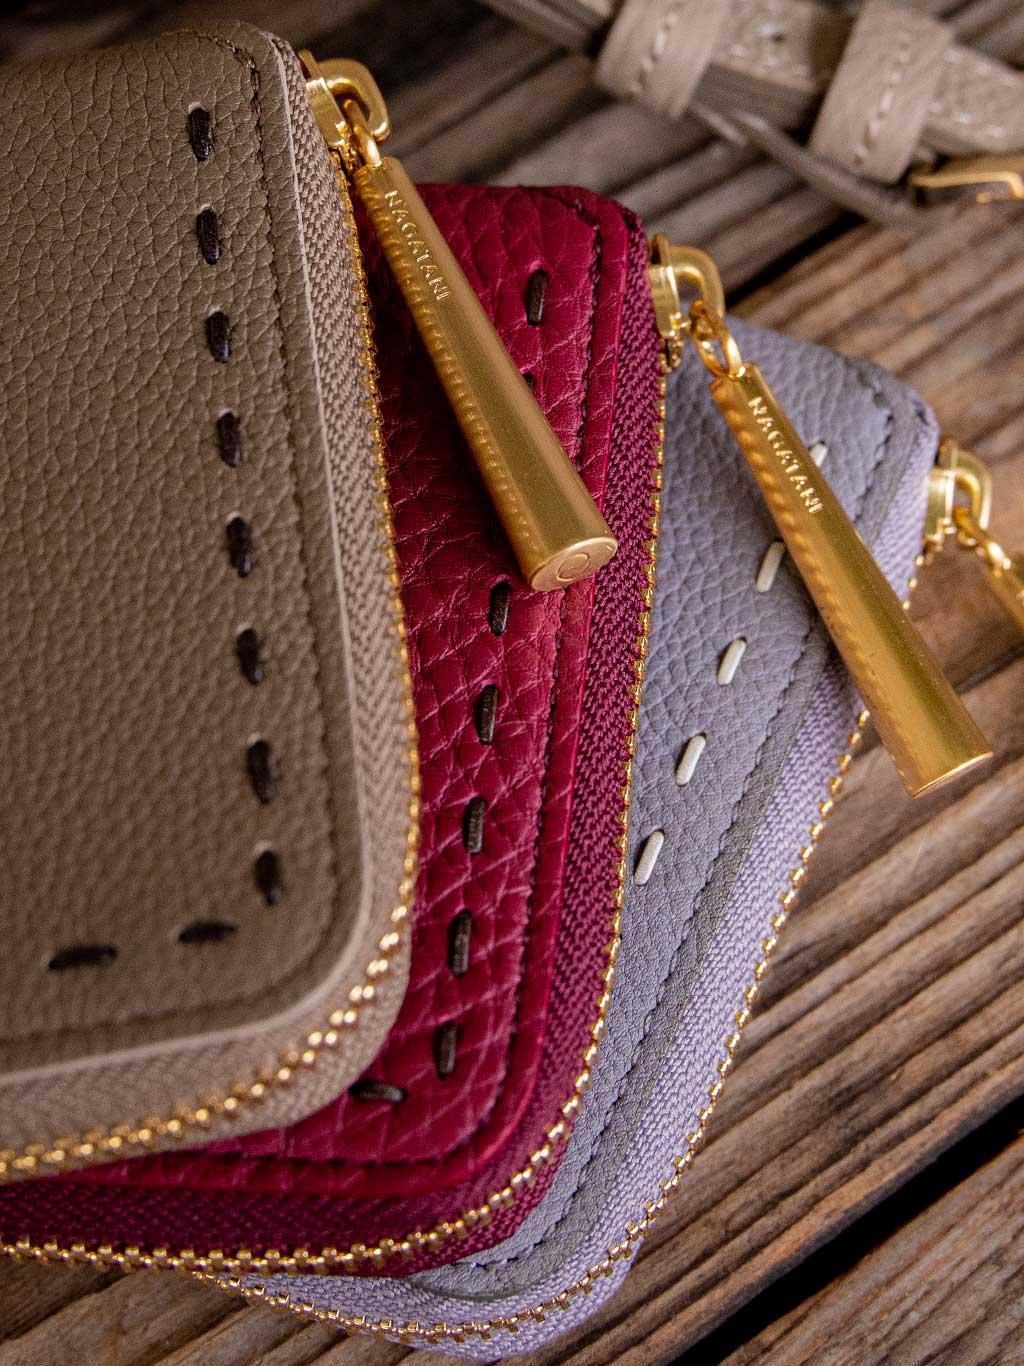 日本製 NAGATANI 最高級シュリンクレザー・エスポワール 本革二つ折財布「BONNY」2020年秋の新色